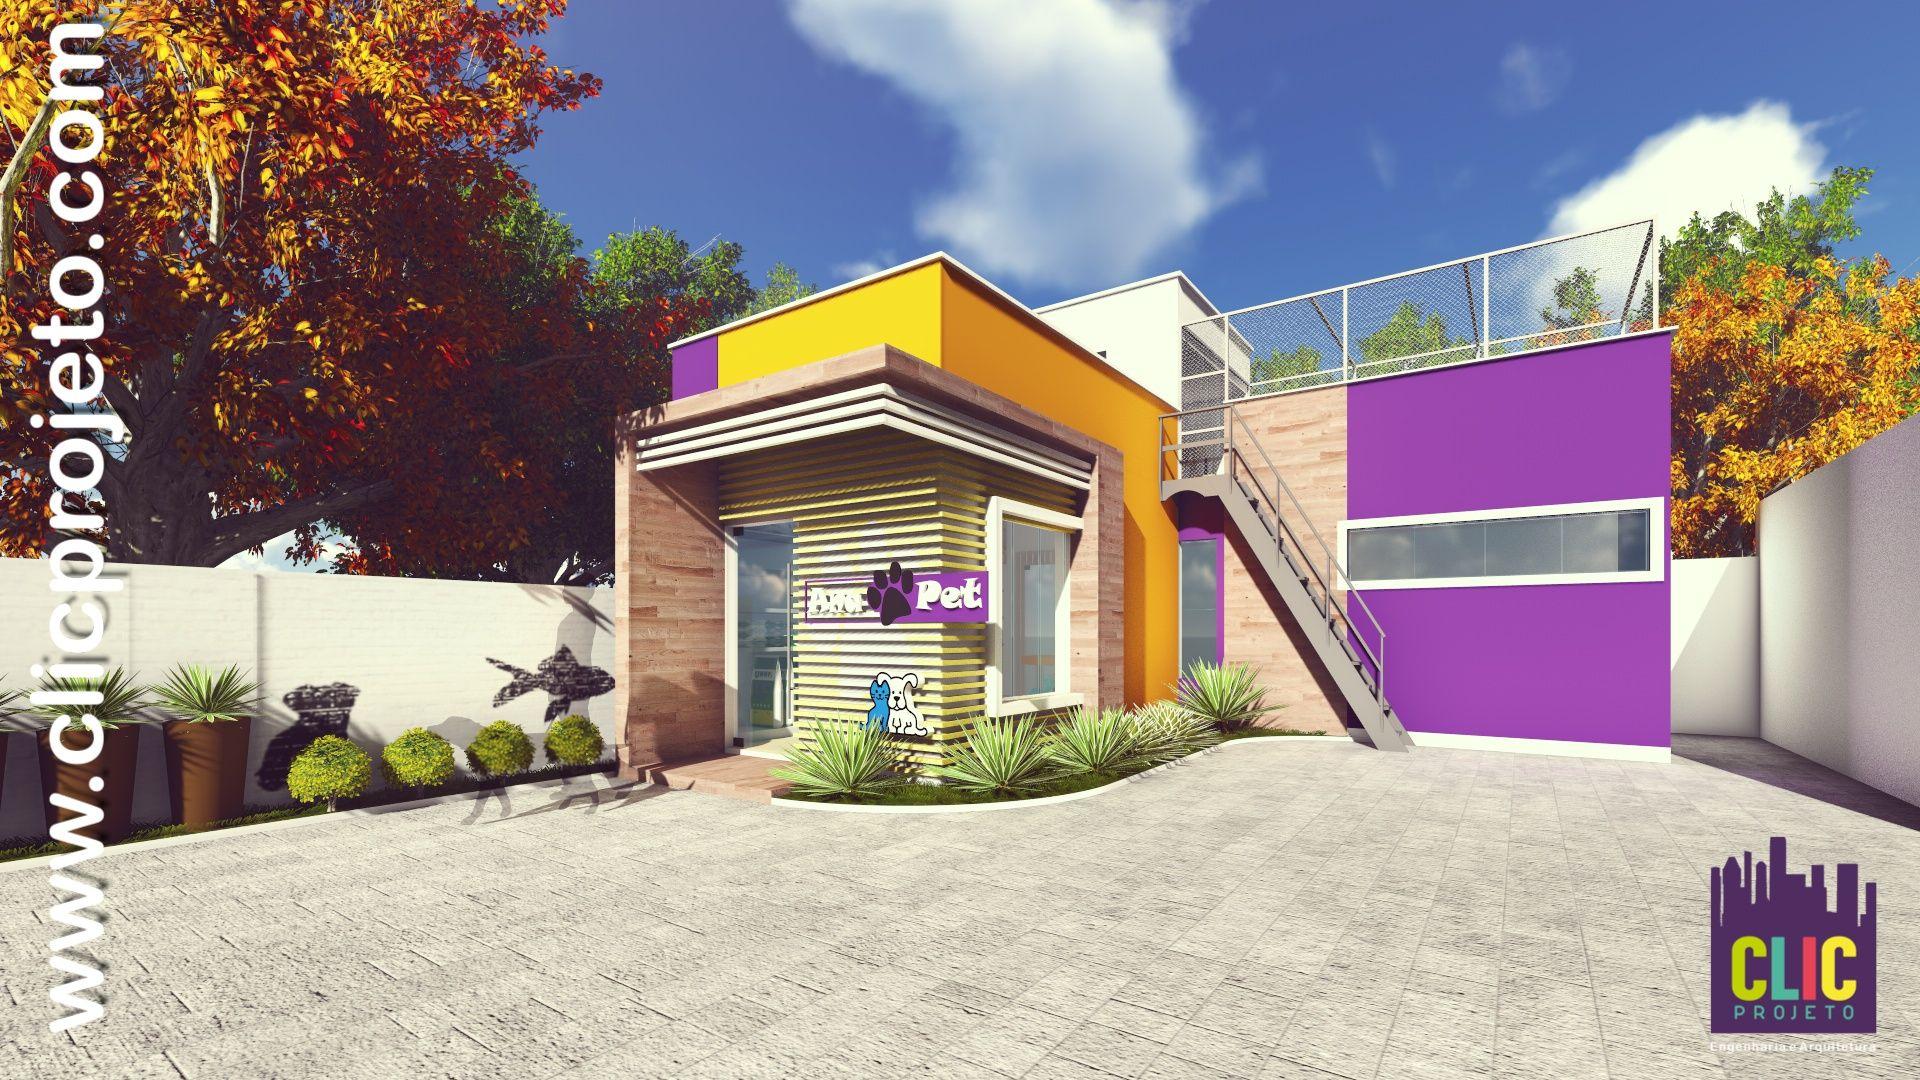 Super Fachada 3D de Pet Shop da cidade de Timbó - SC. Criação Clic  PQ58